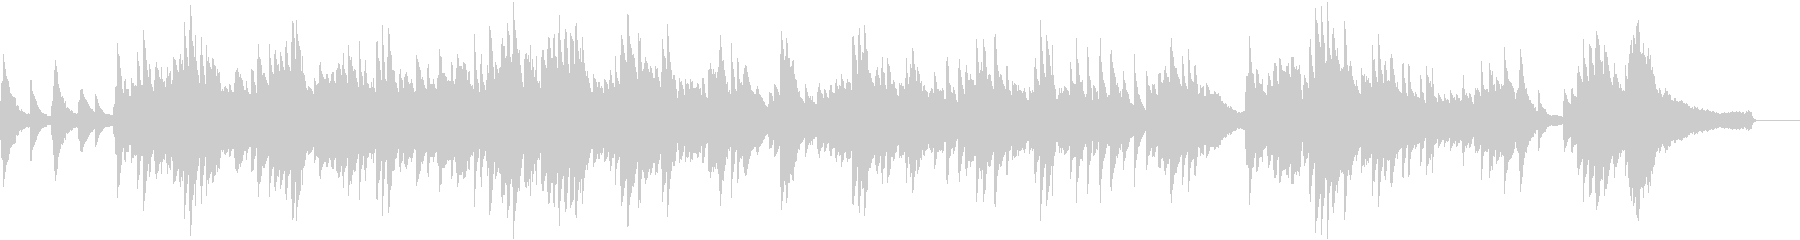 優しくノスタルジックなピアノソロBGMの未再生の波形